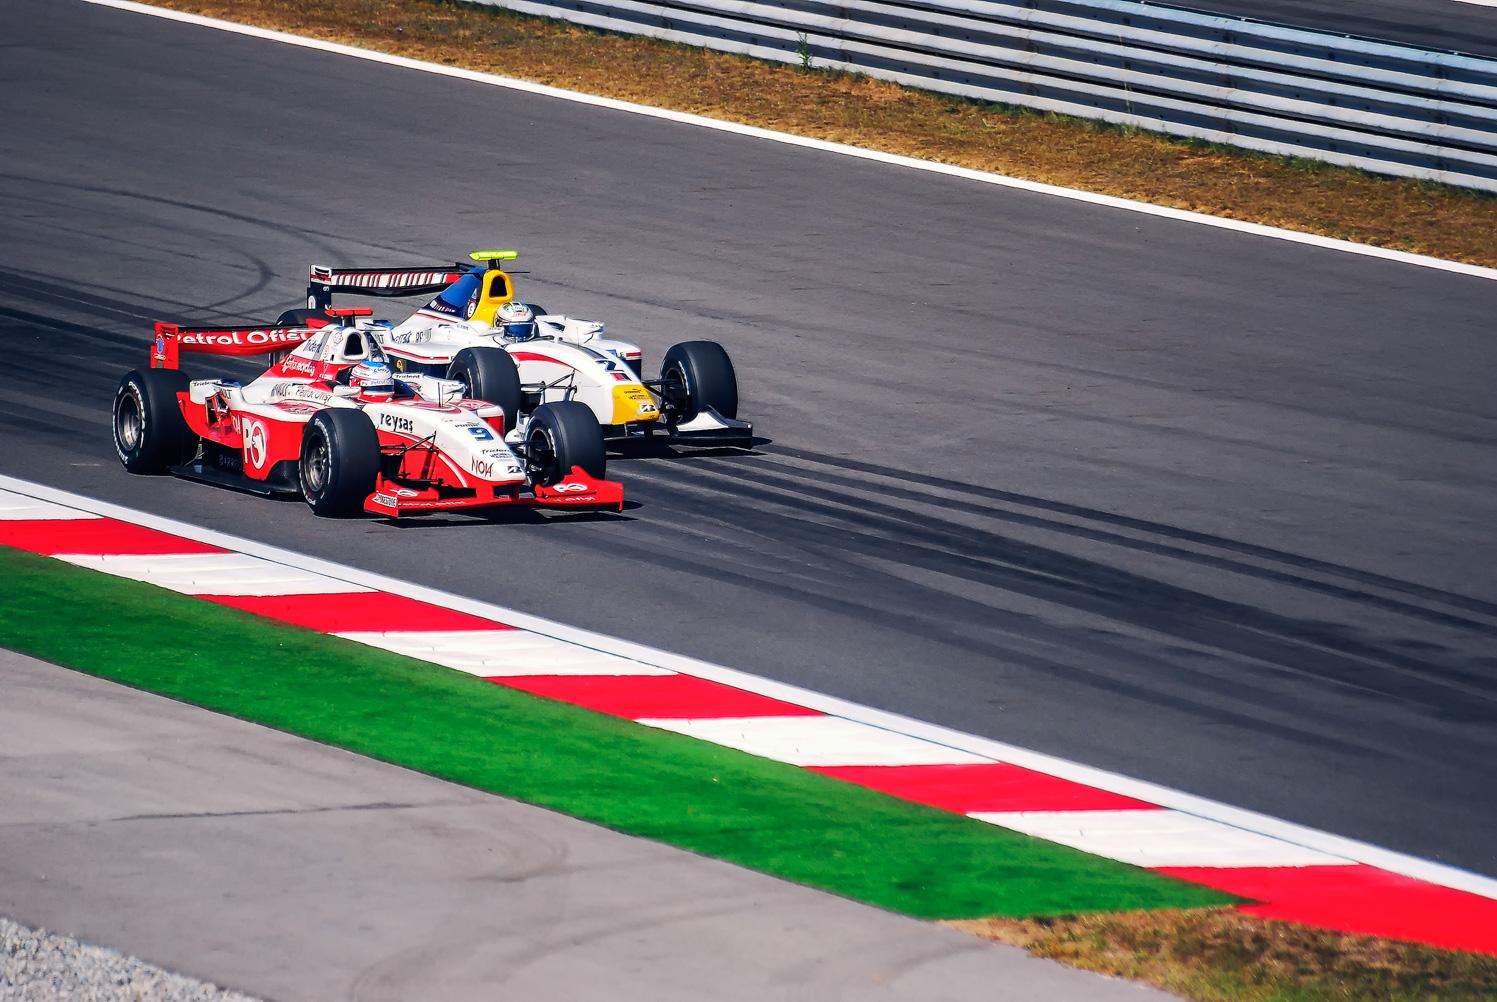 gp2-2007-race-05